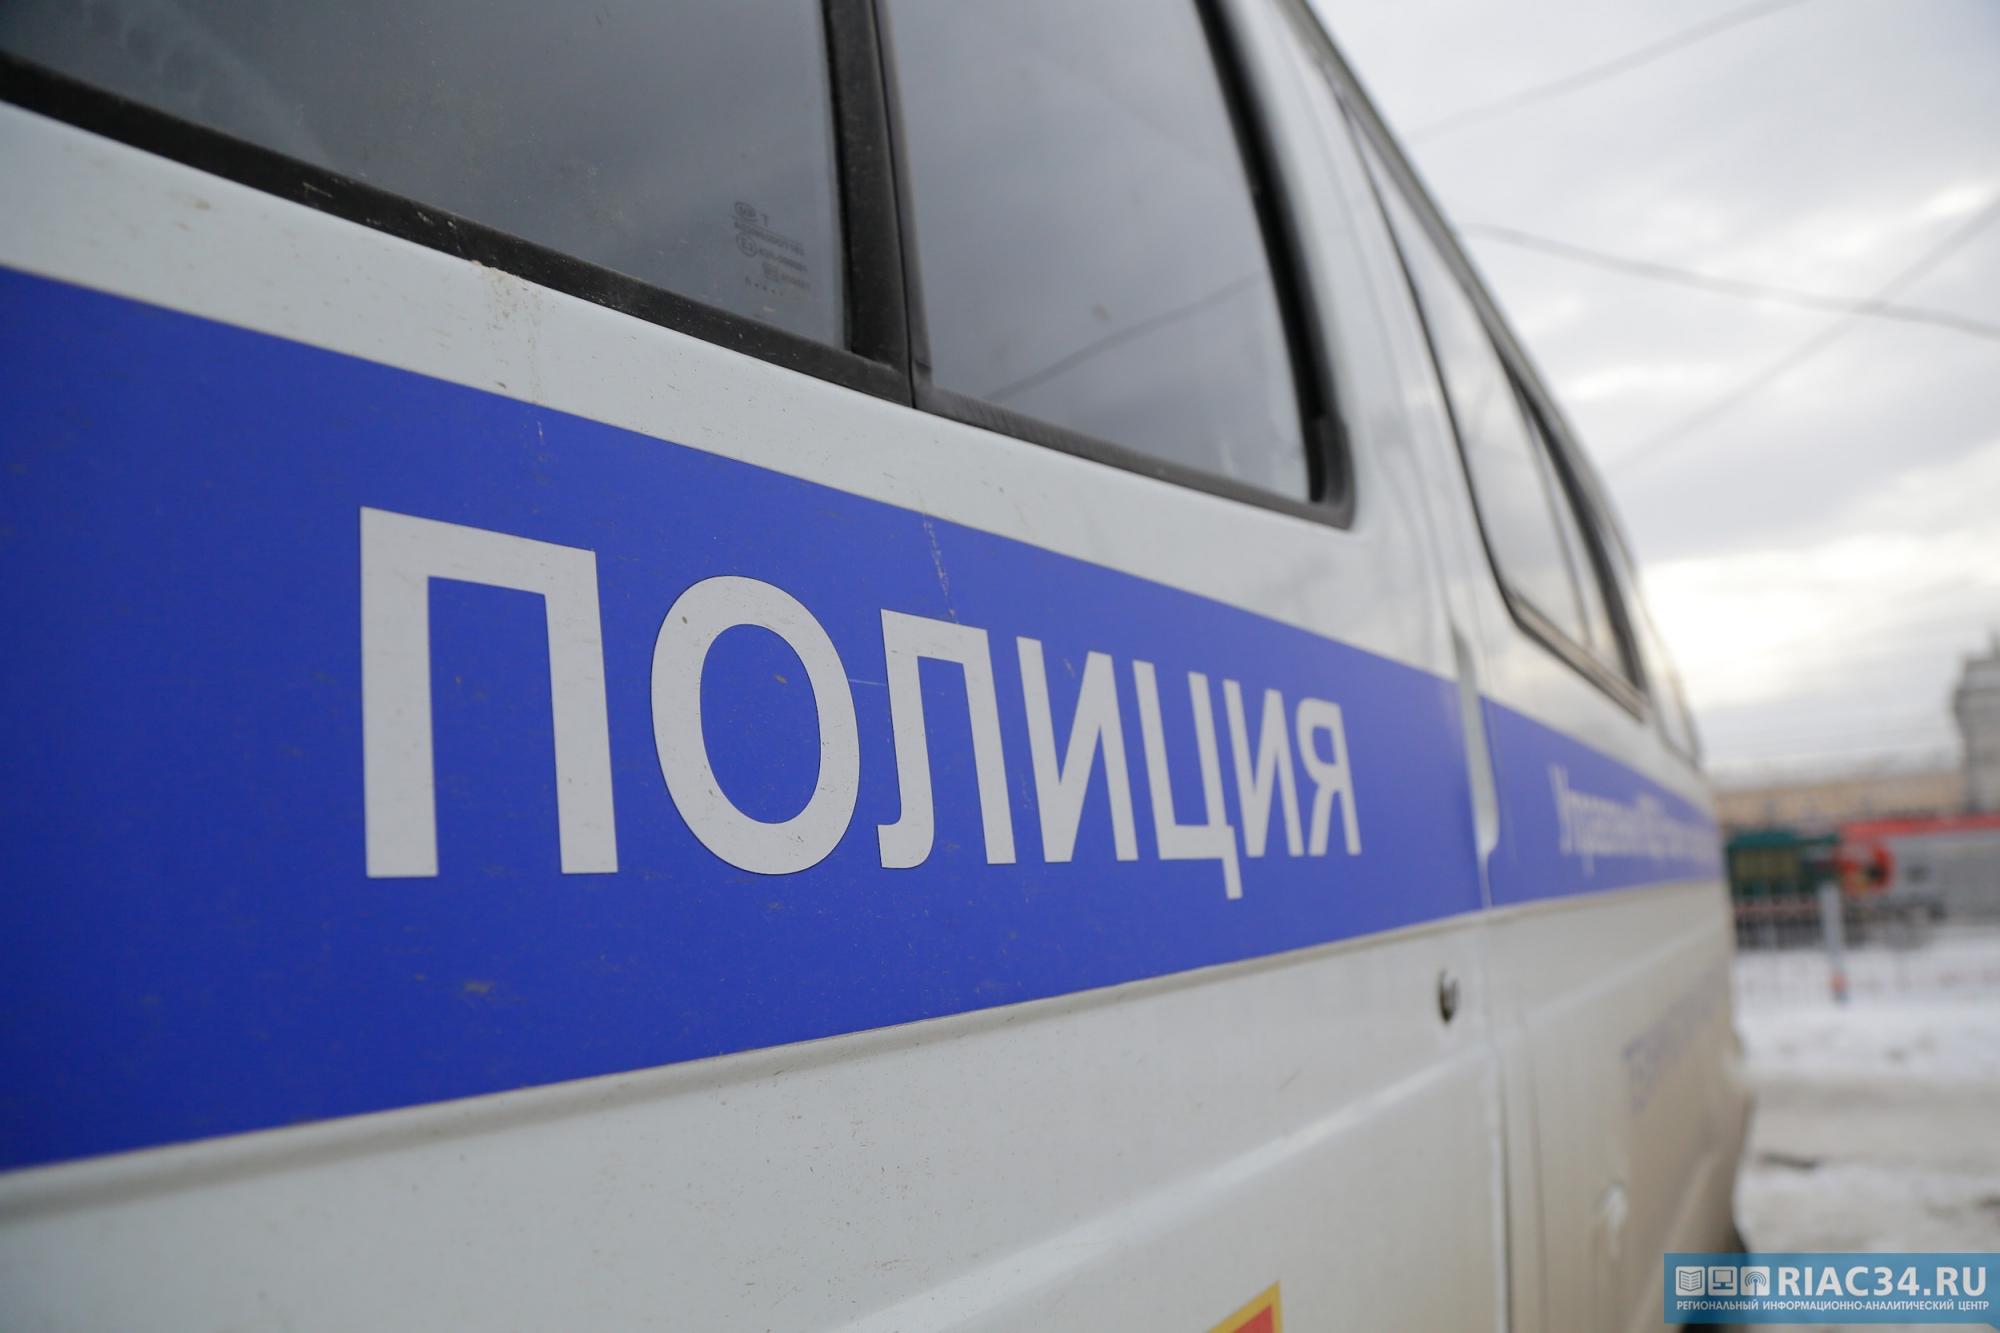 Под Волгоградом натрассе погибли пешеход и престарелая женщина-велосипедист